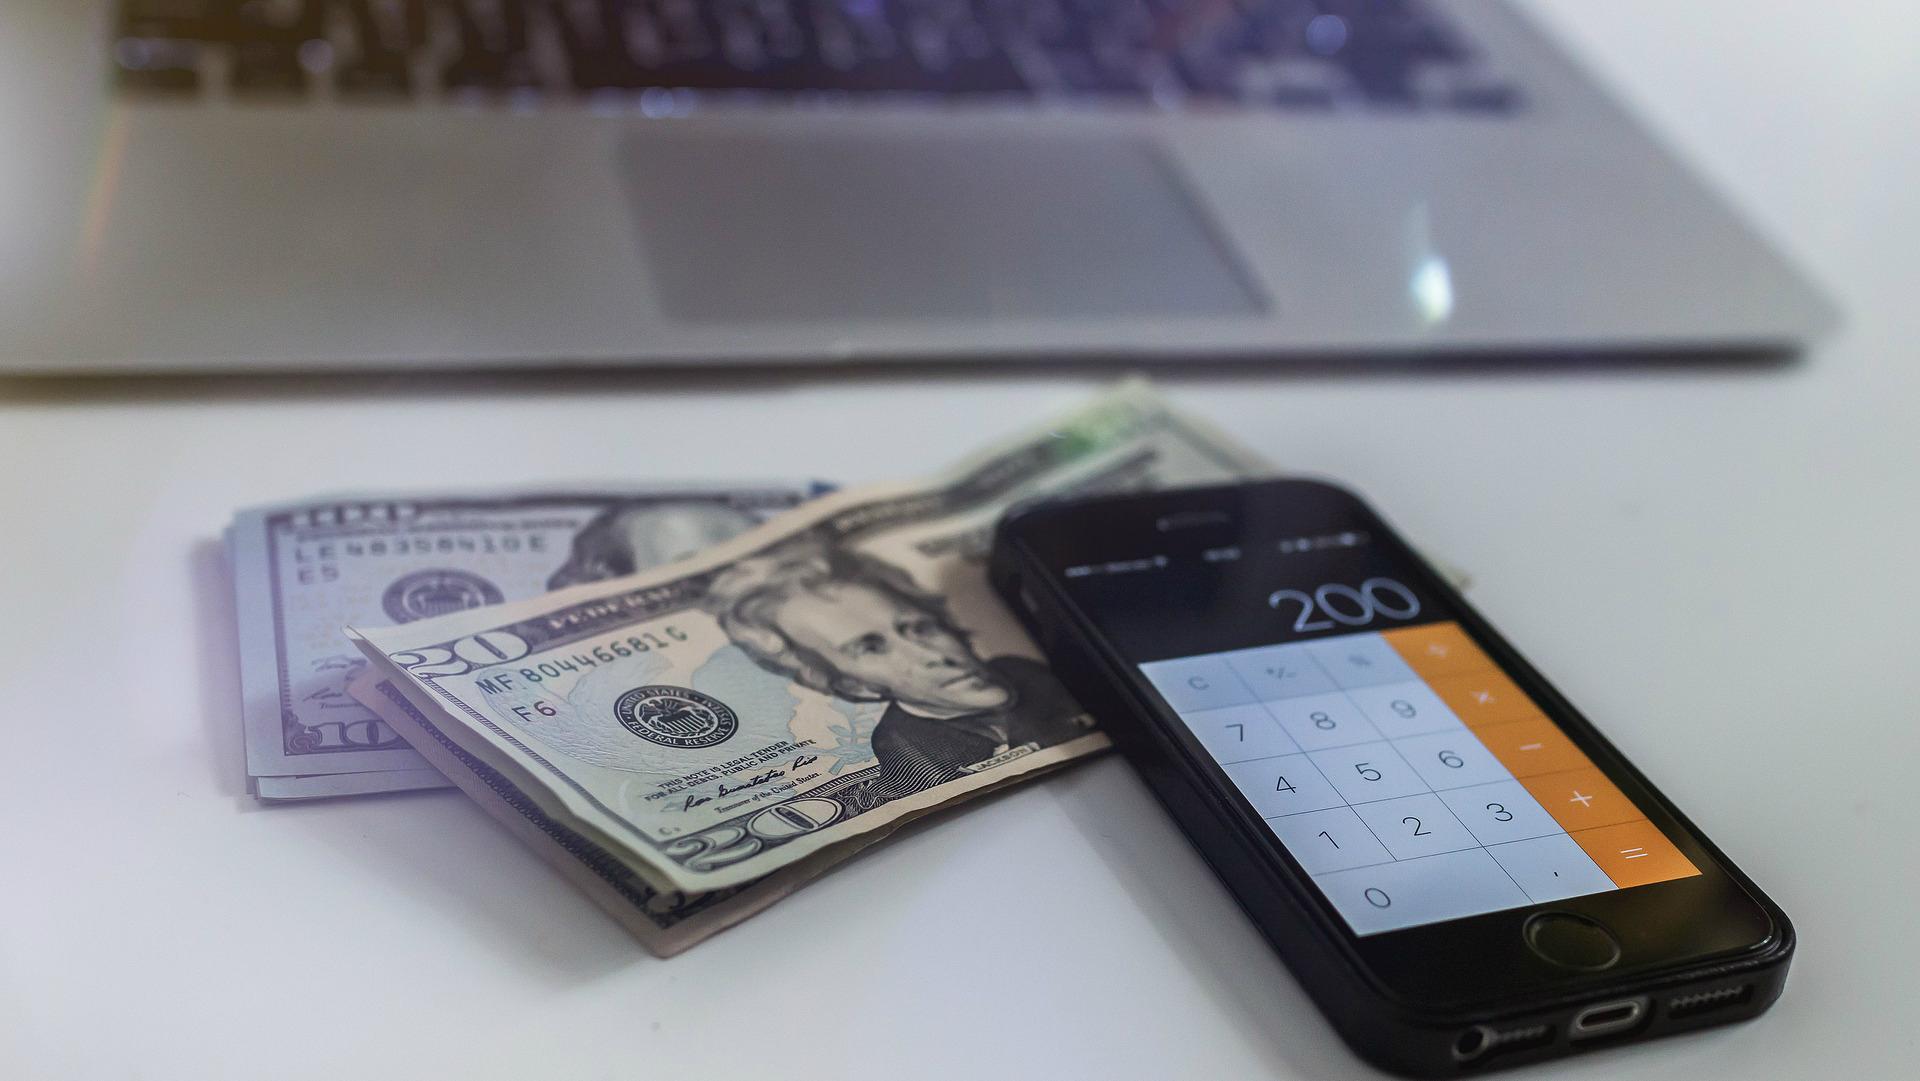 20 pārsteidzoši veidi, kā nopelnīt naudu tiešsaistē Indijā, piemēram, profesionālis